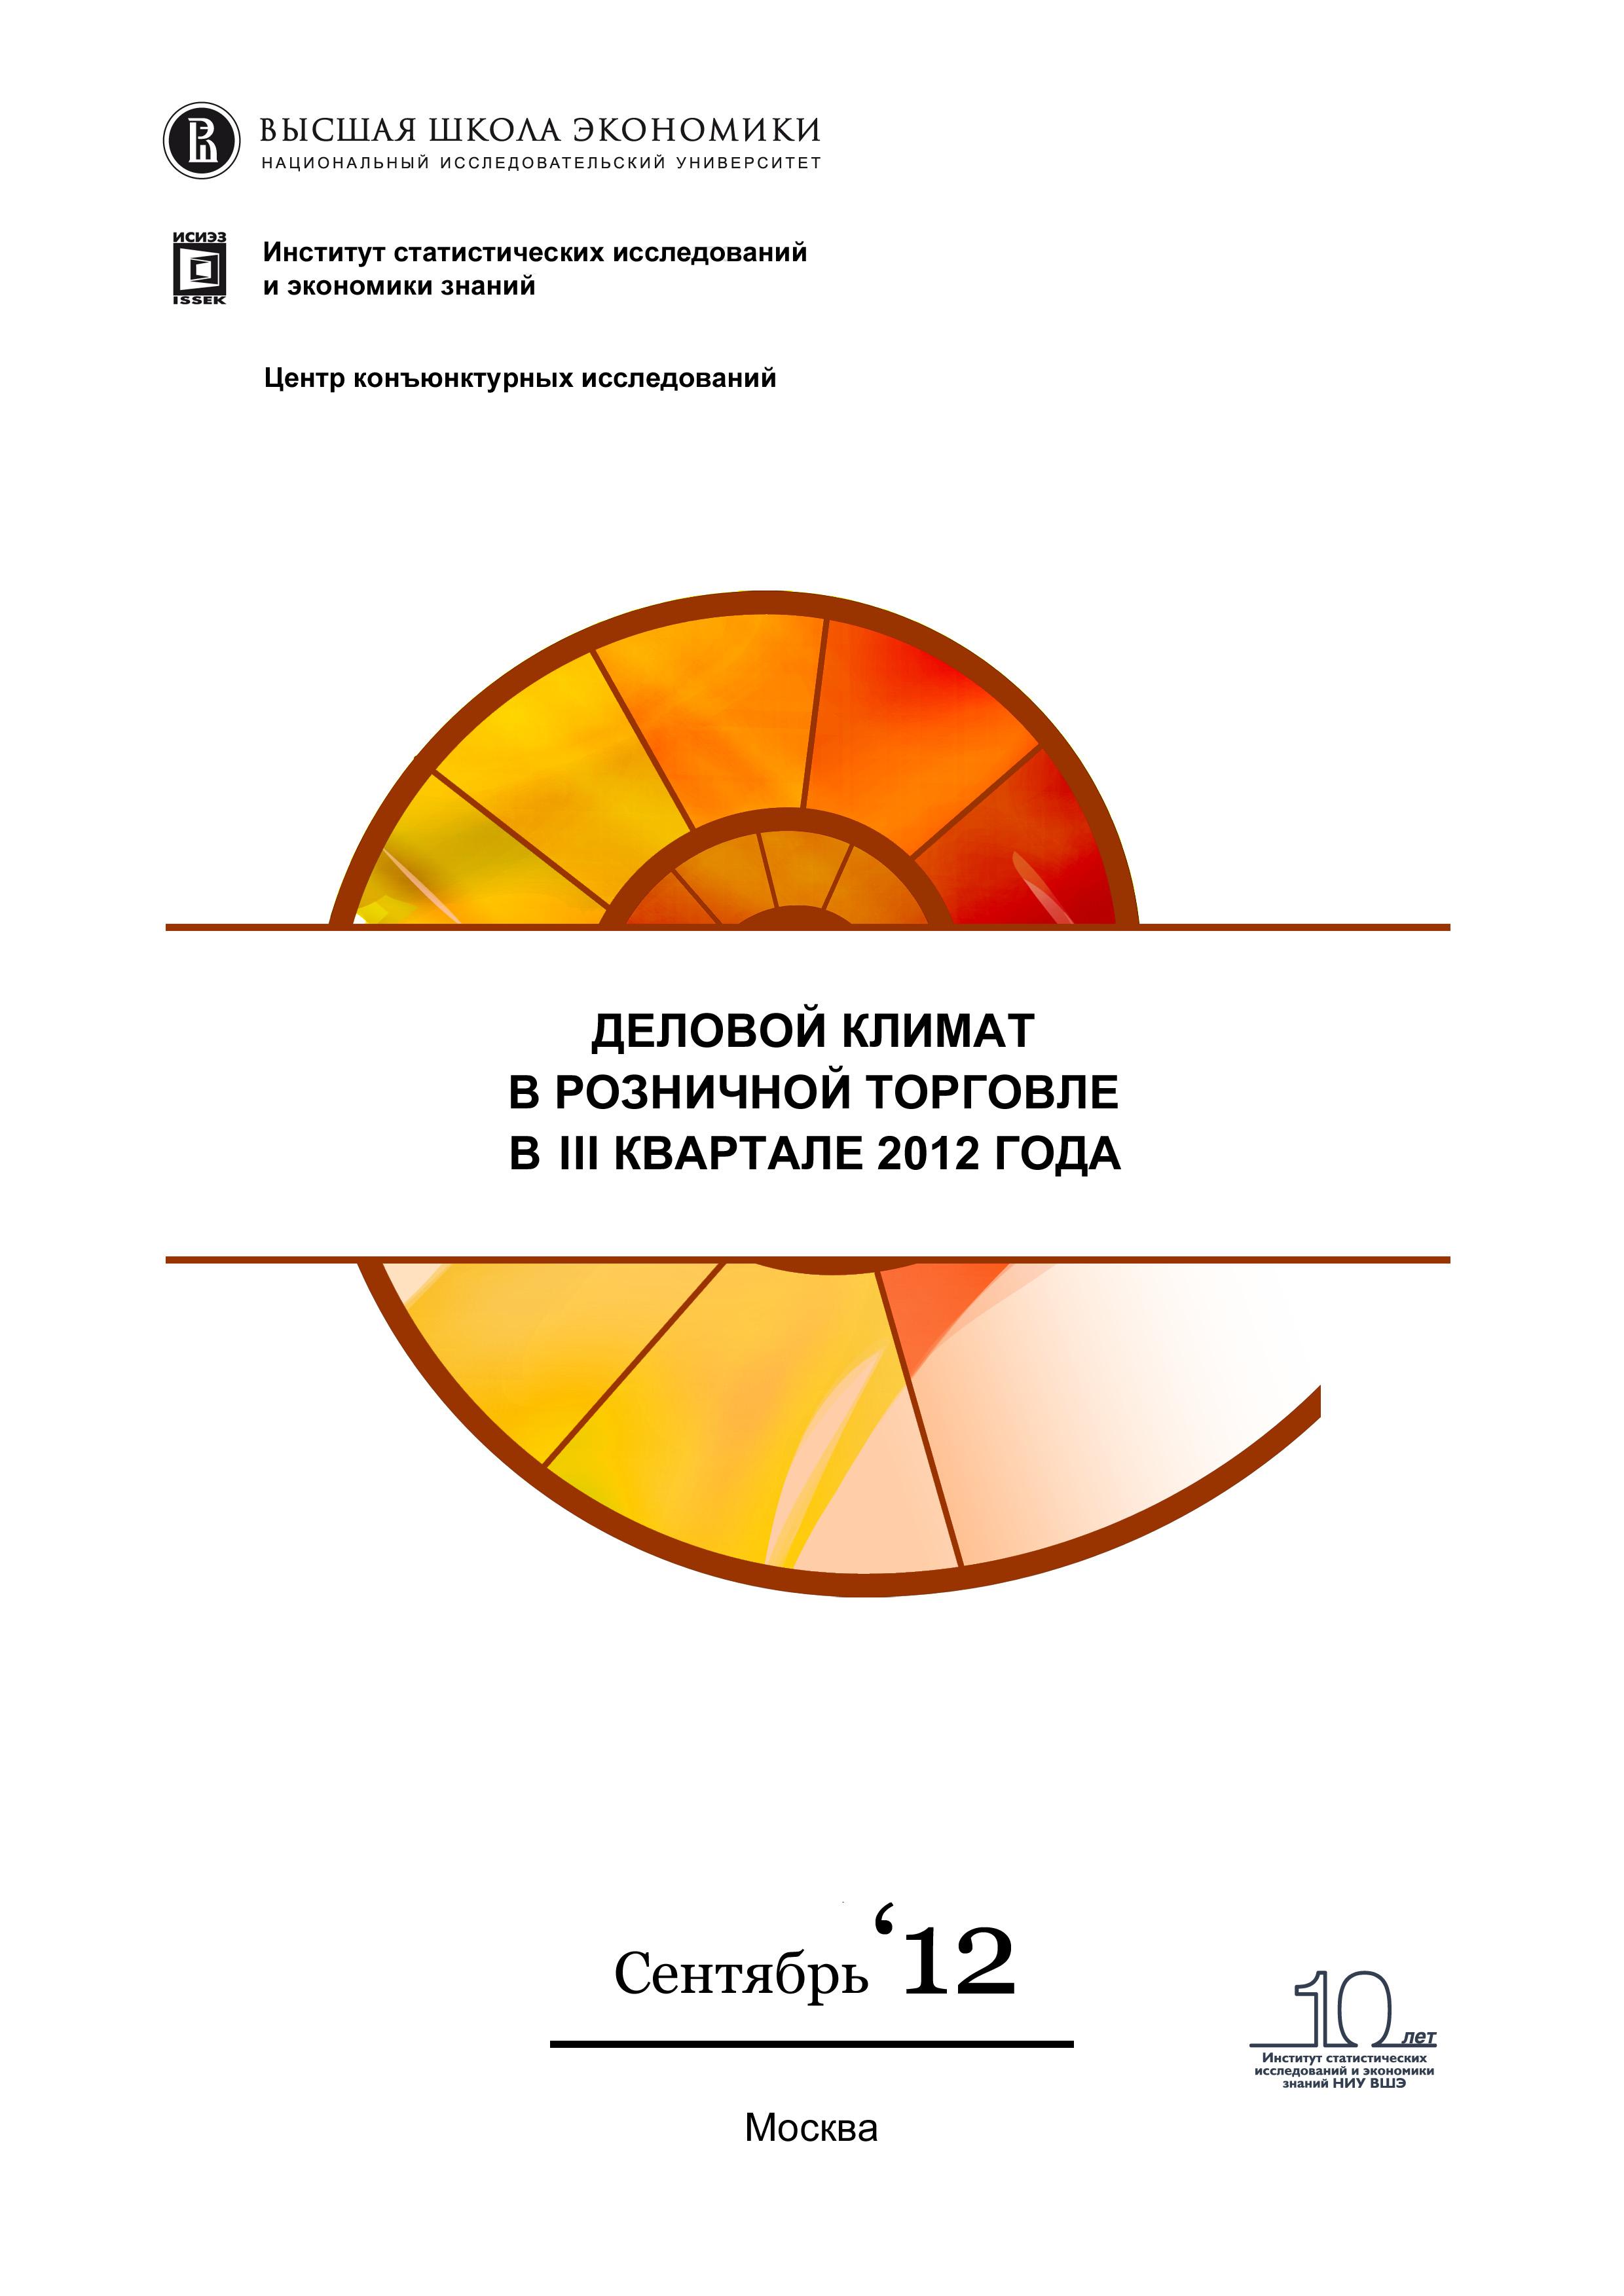 Деловой климат в розничной торговле в III квартале 2012 года